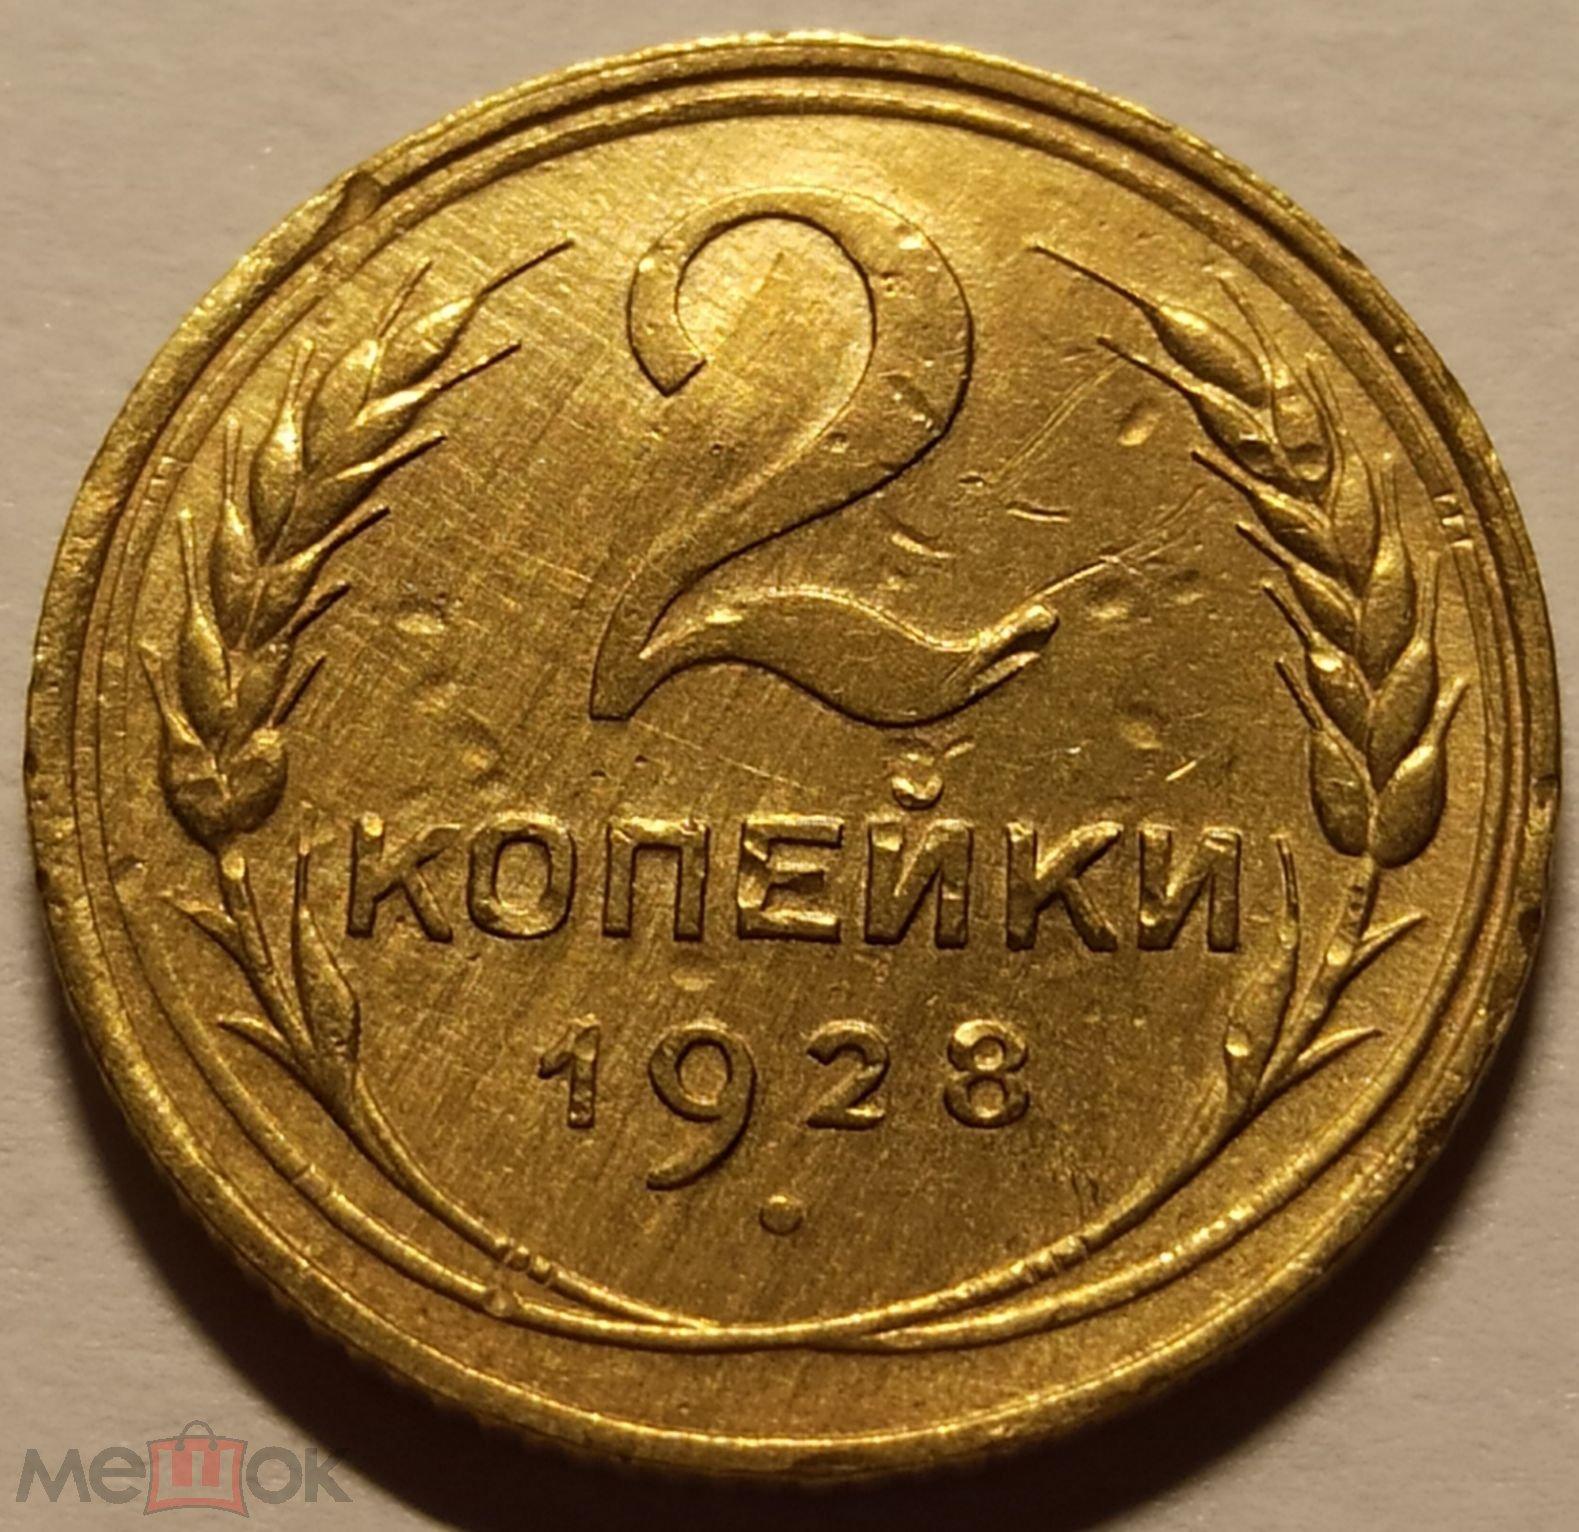 2 копейки 1928 года СССР - ОРИГИНАЛ - ОТЛИЧНОЕ СОСТОЯНИЕ - В КОЛЛЕКЦИЮ - НИЗКАЯ ЦЕНА! #94